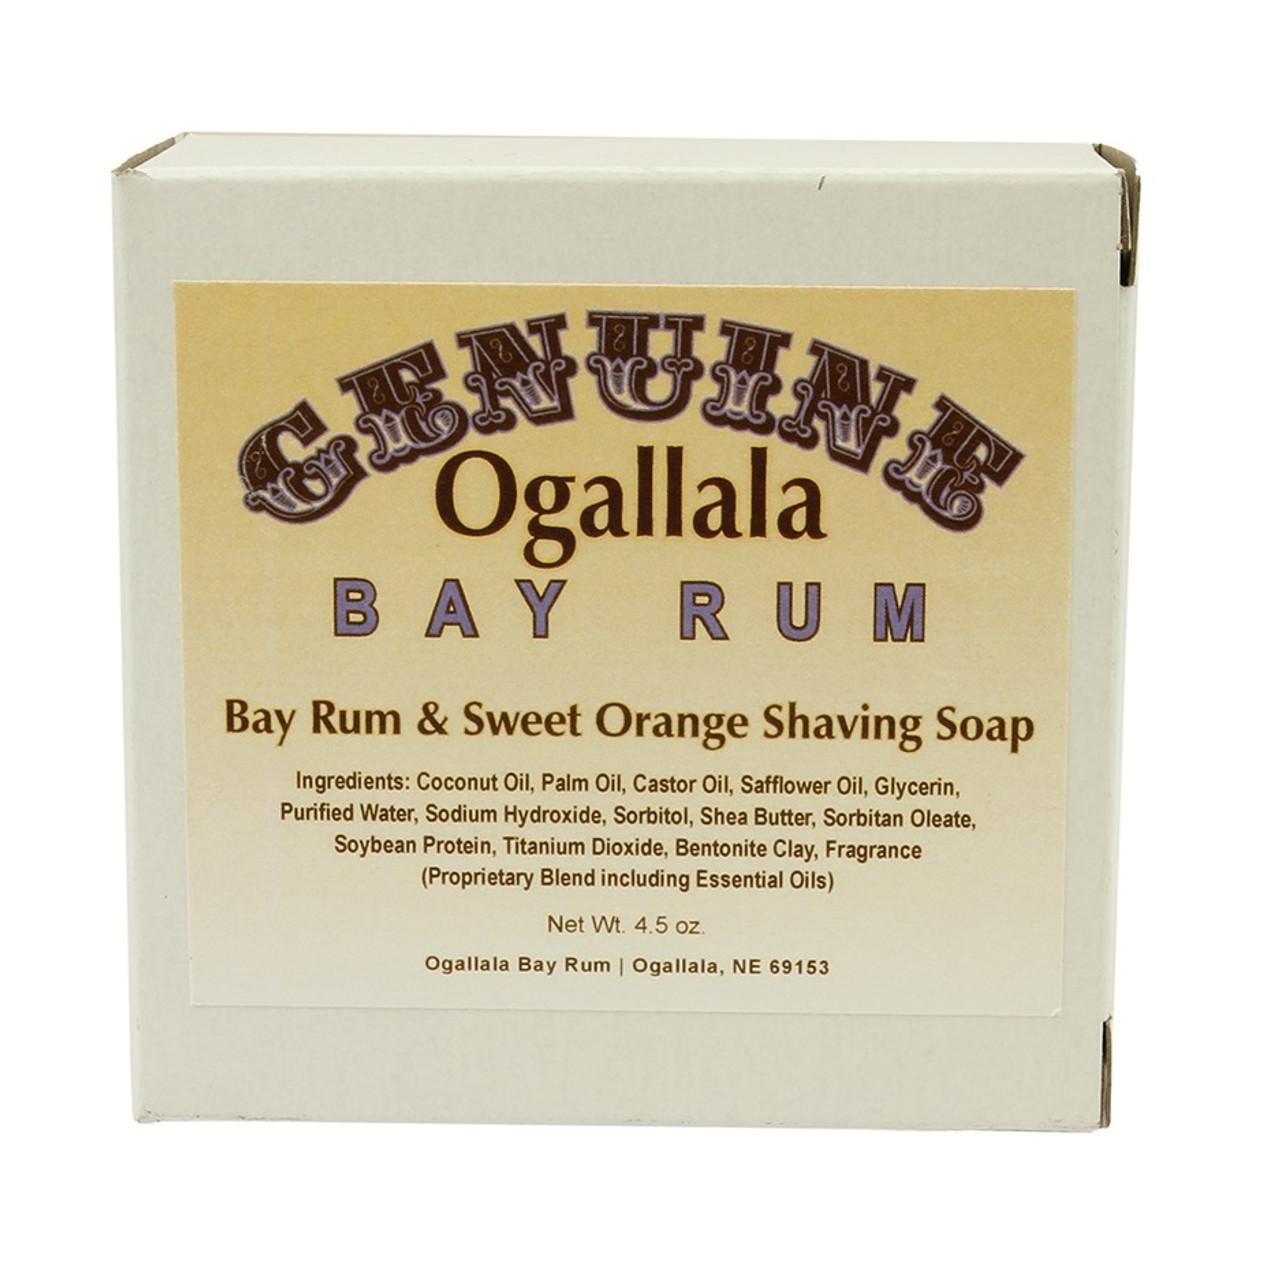 Ogallala Bay Rum & Sweet Orange Shave Soap, 4.5oz